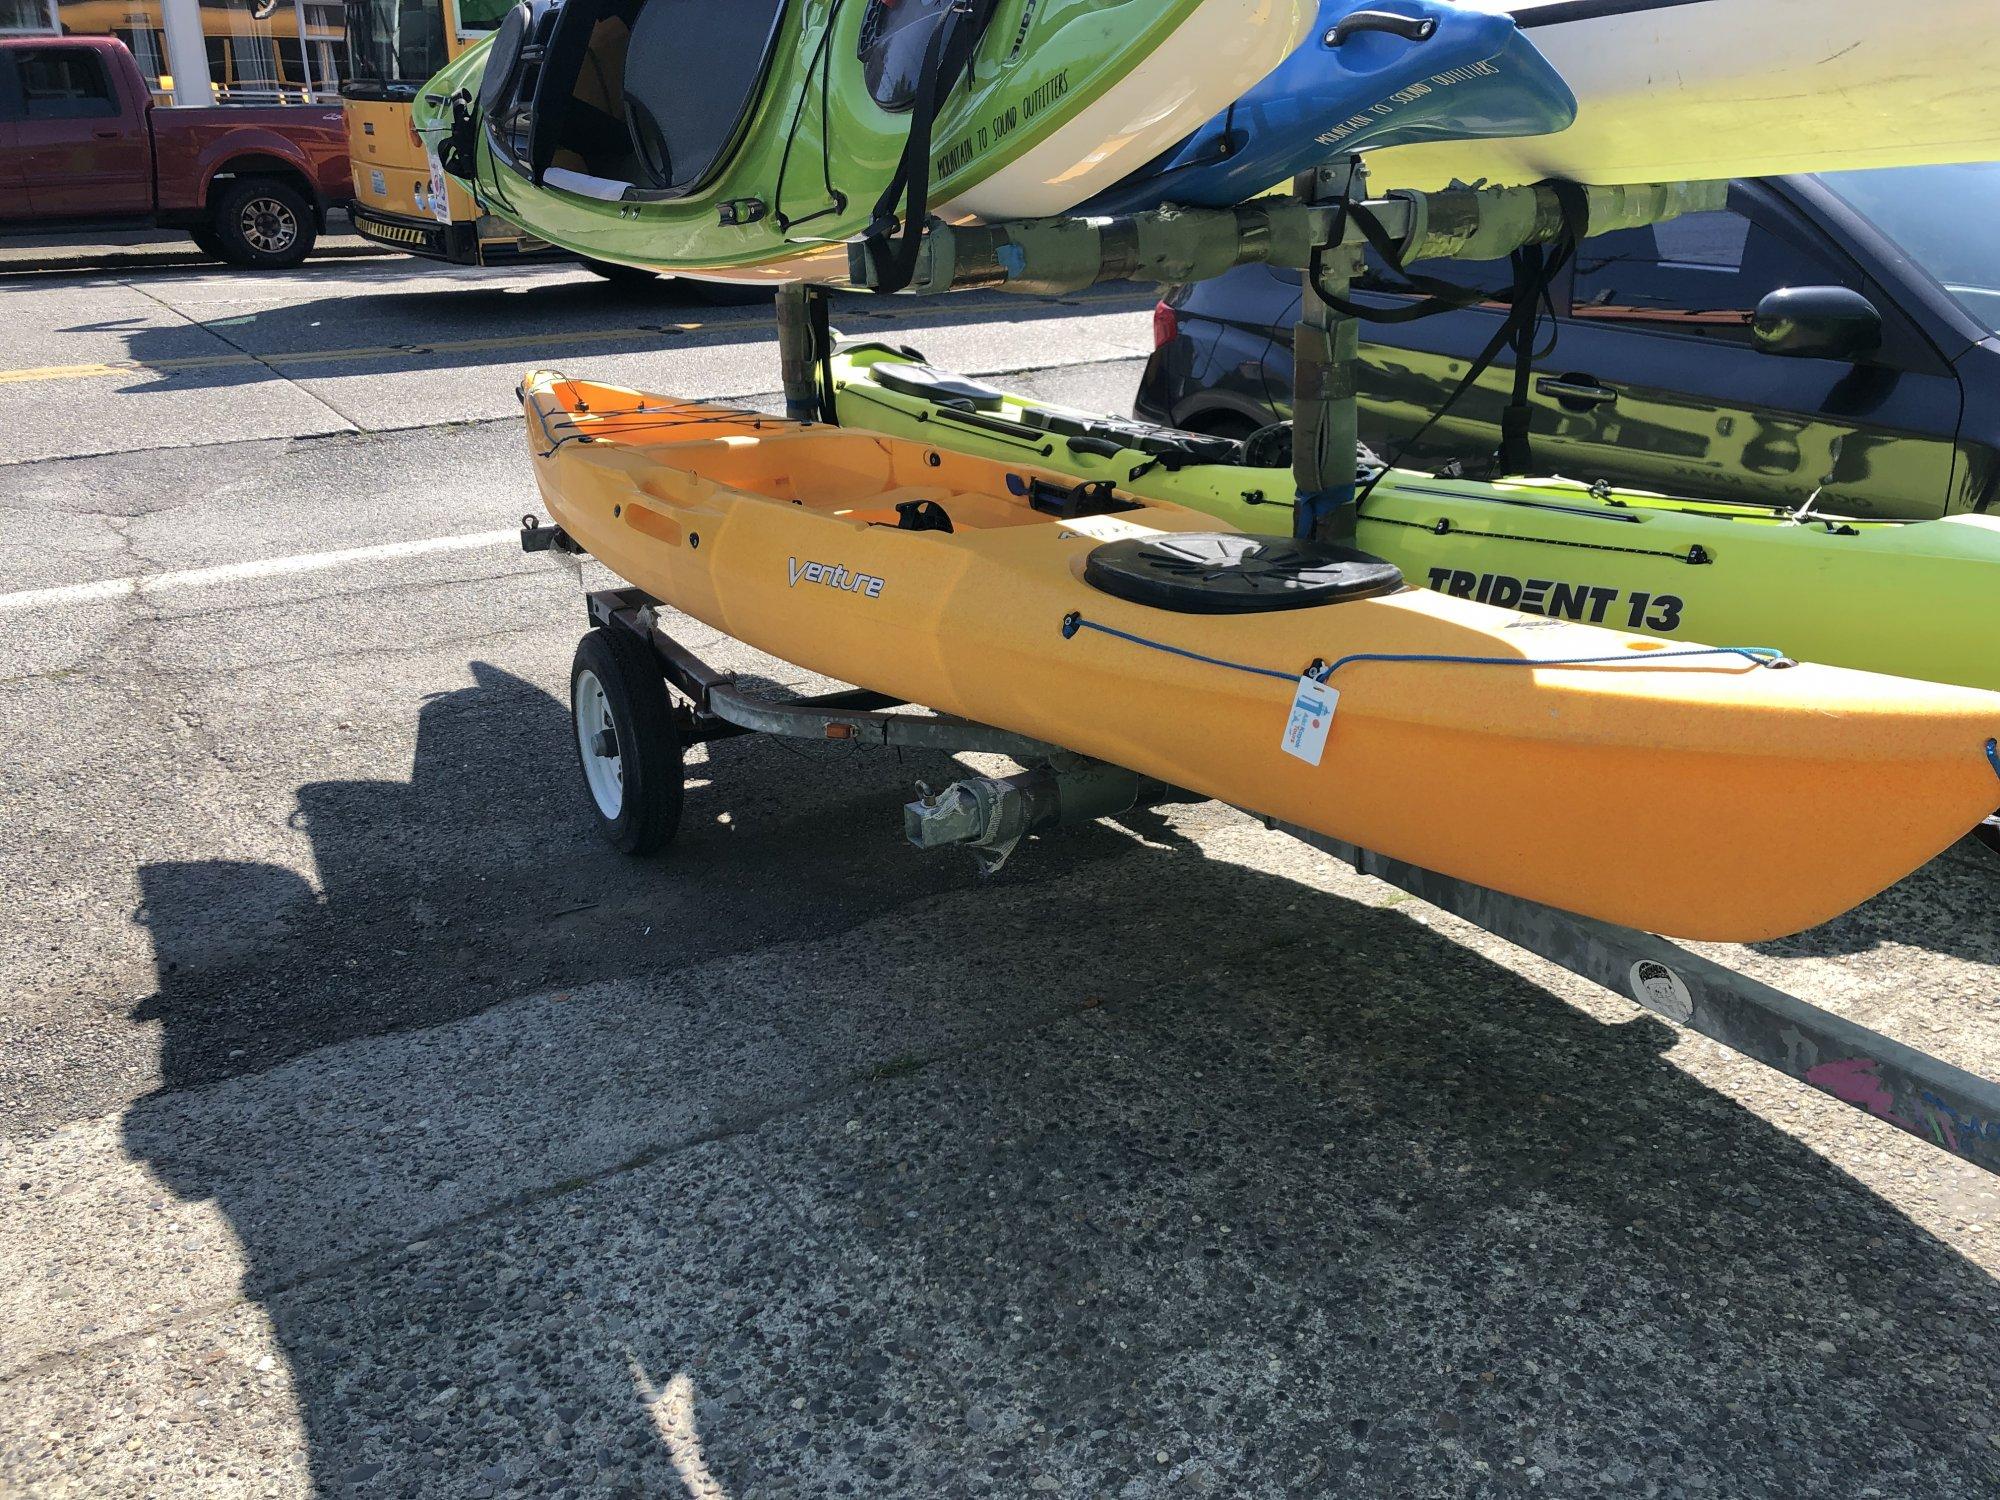 USED Venture Islay Sit-on-top Kayak